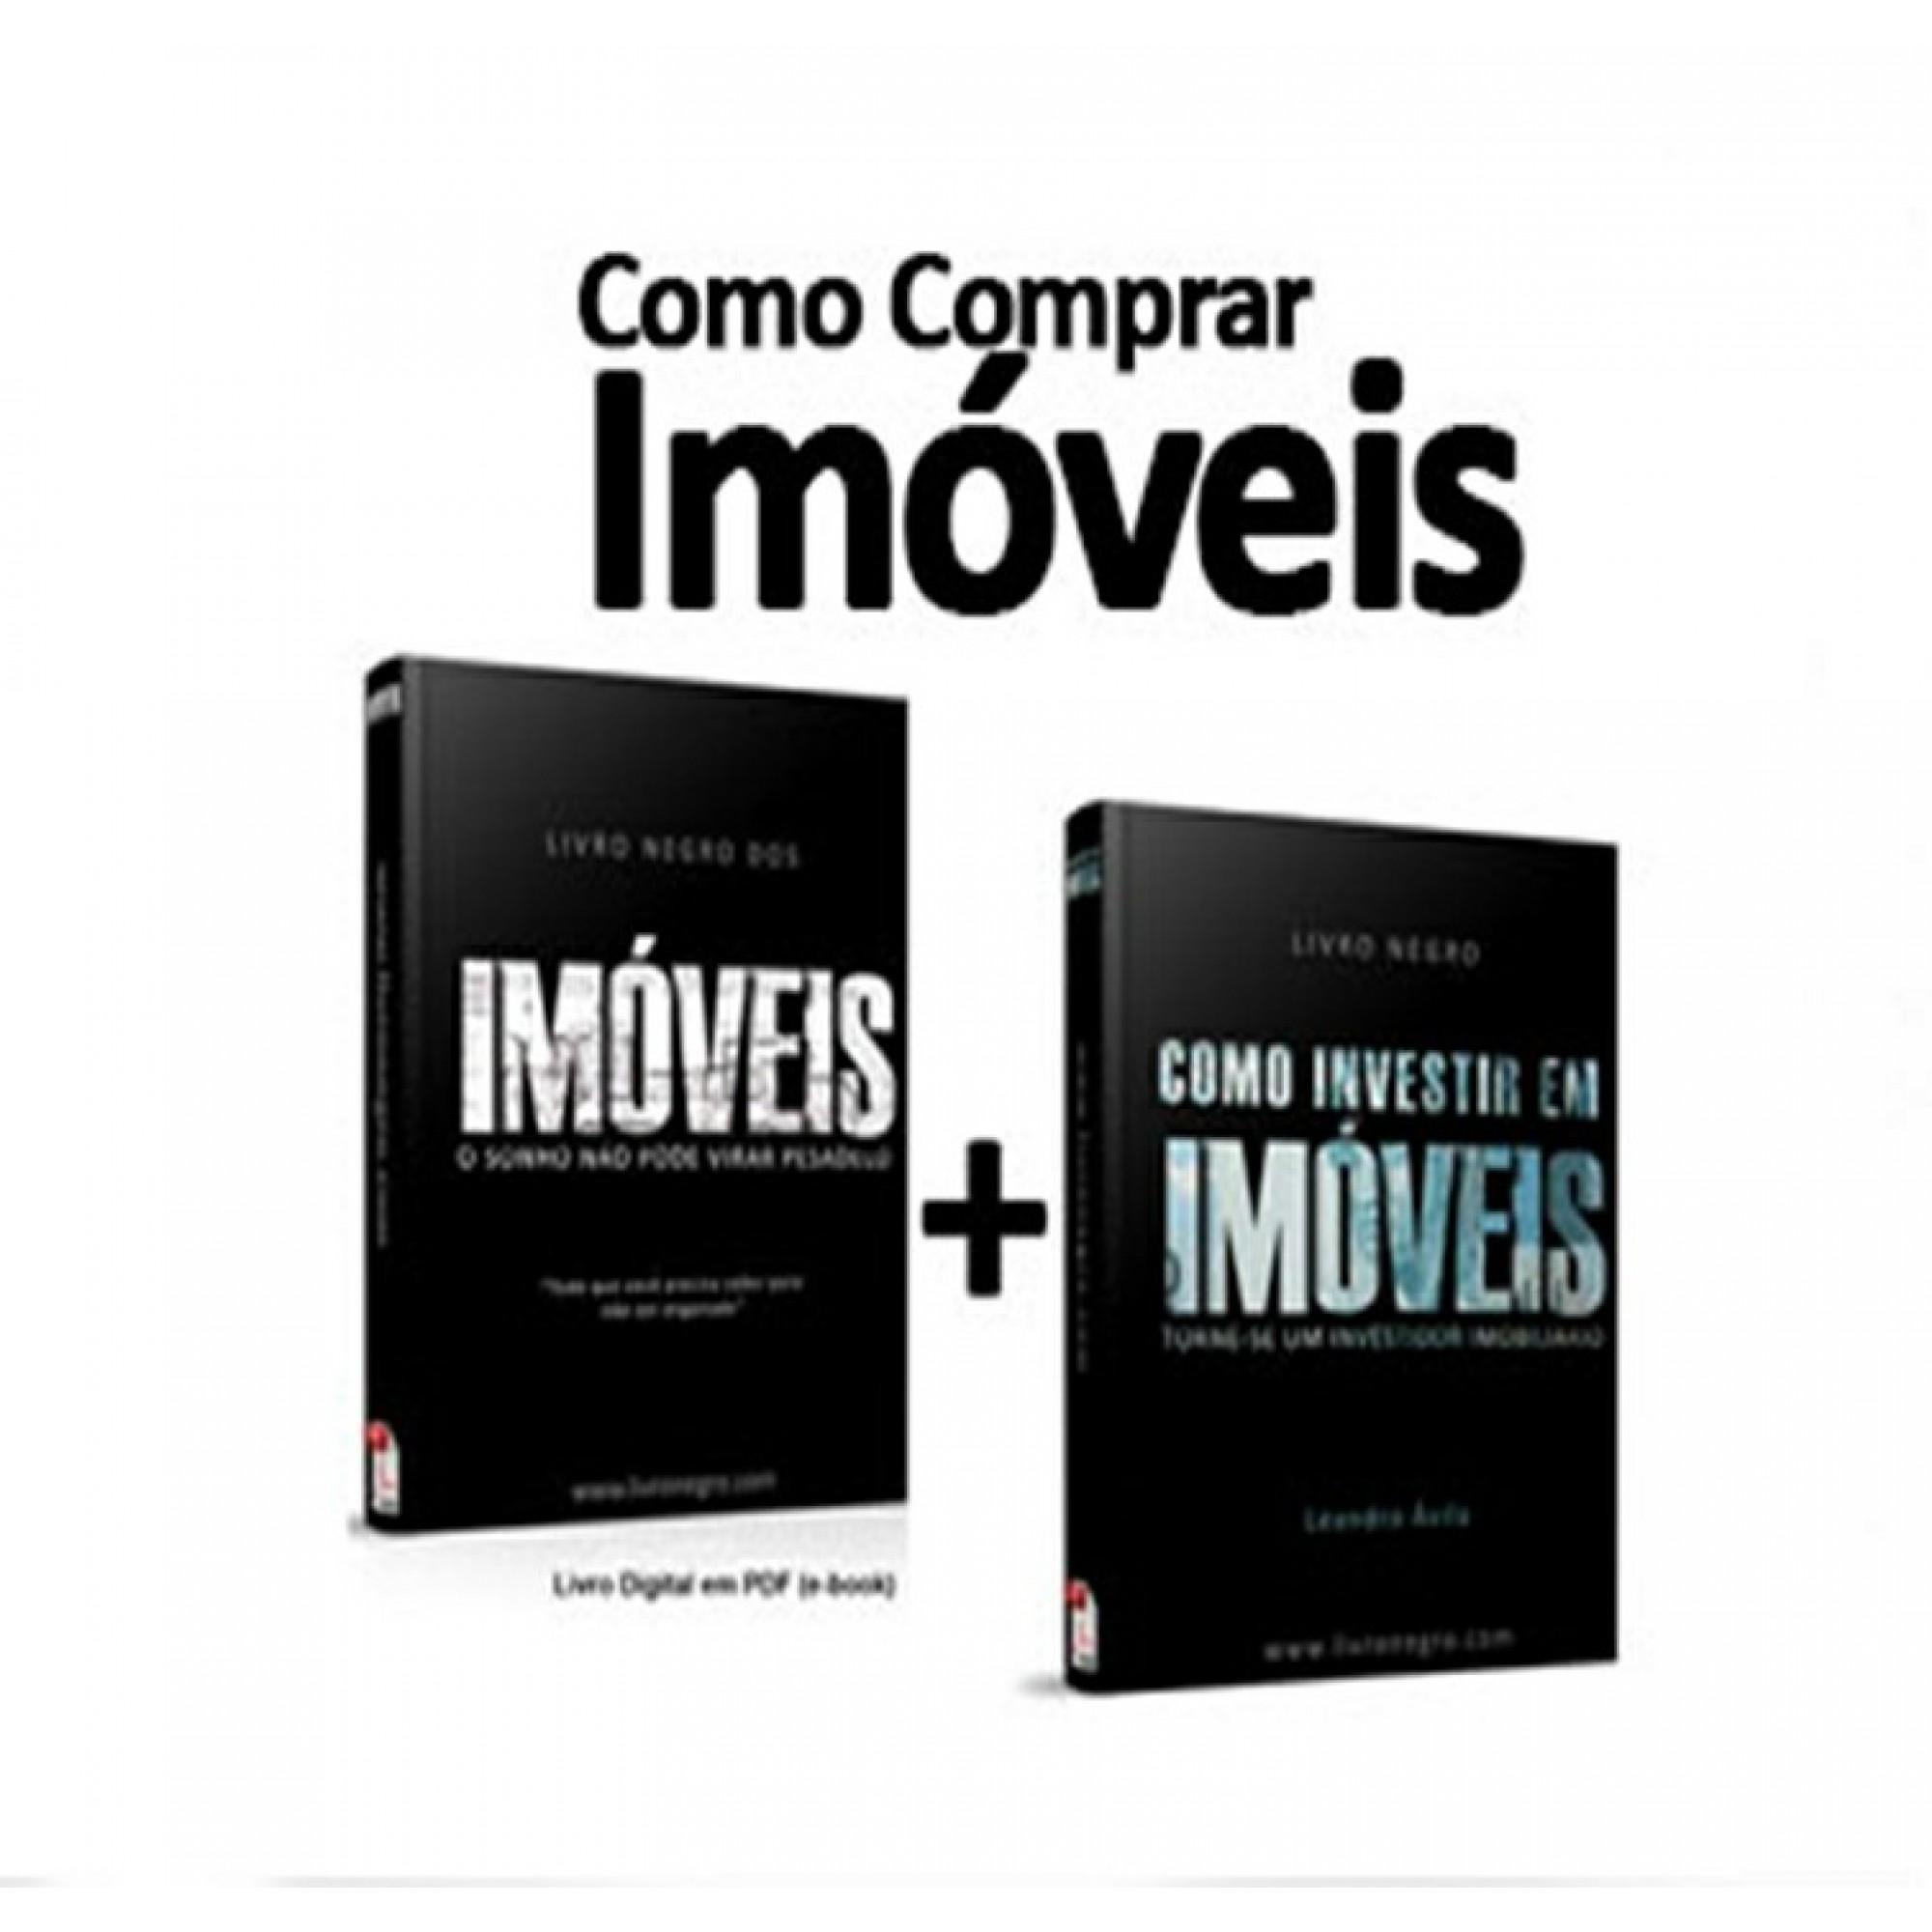 Ebook Como Comprar Imóveis 79b0f0a70e